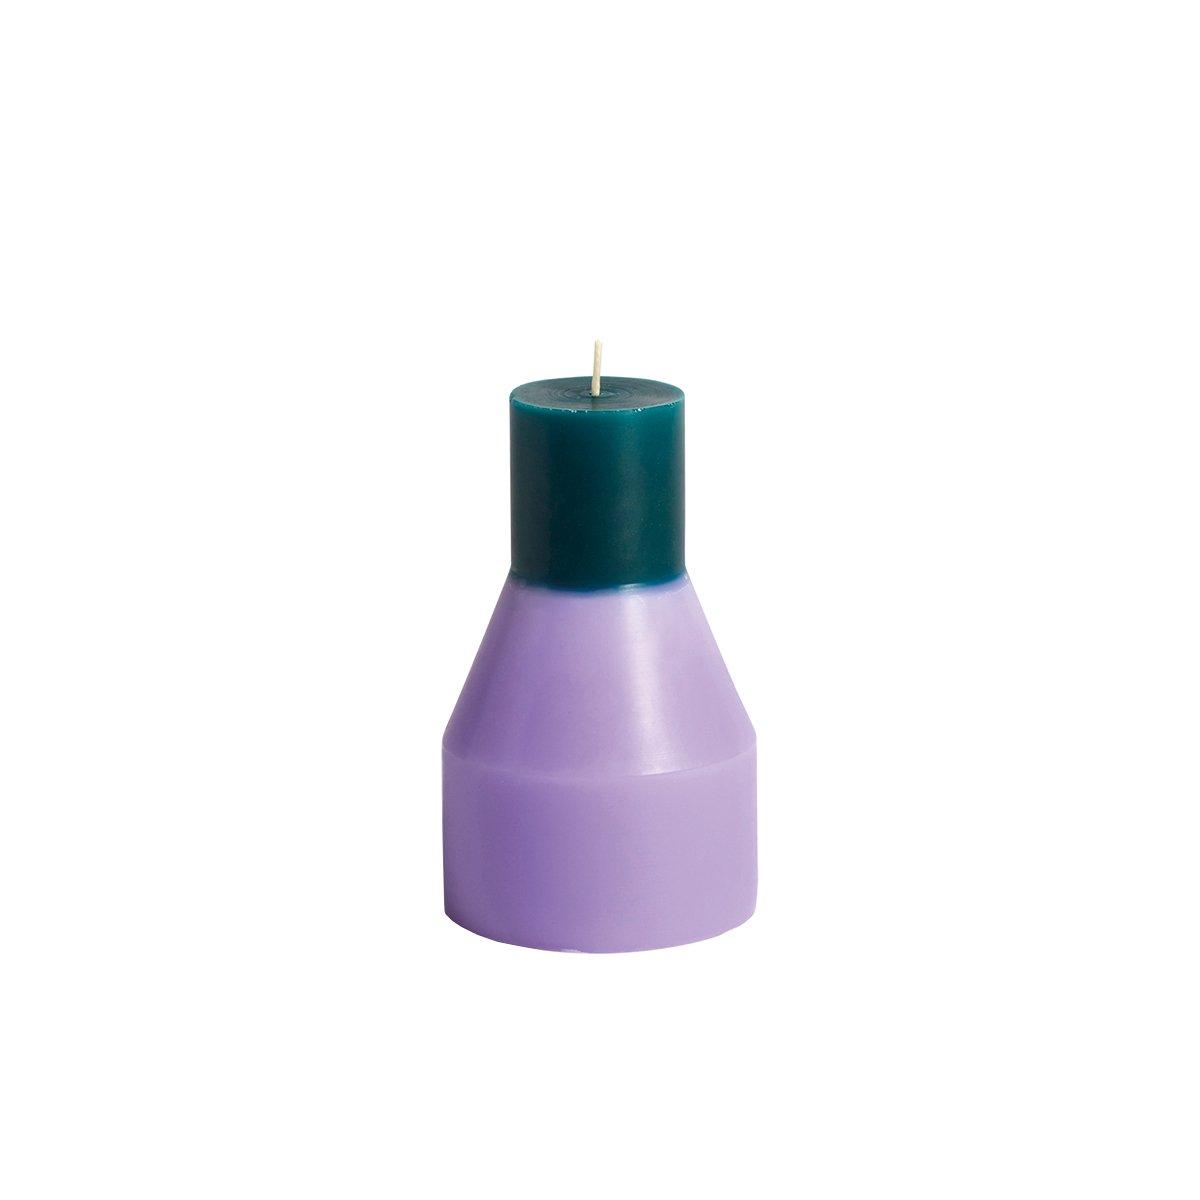 HAY Pillar Kaars - S - Lavender